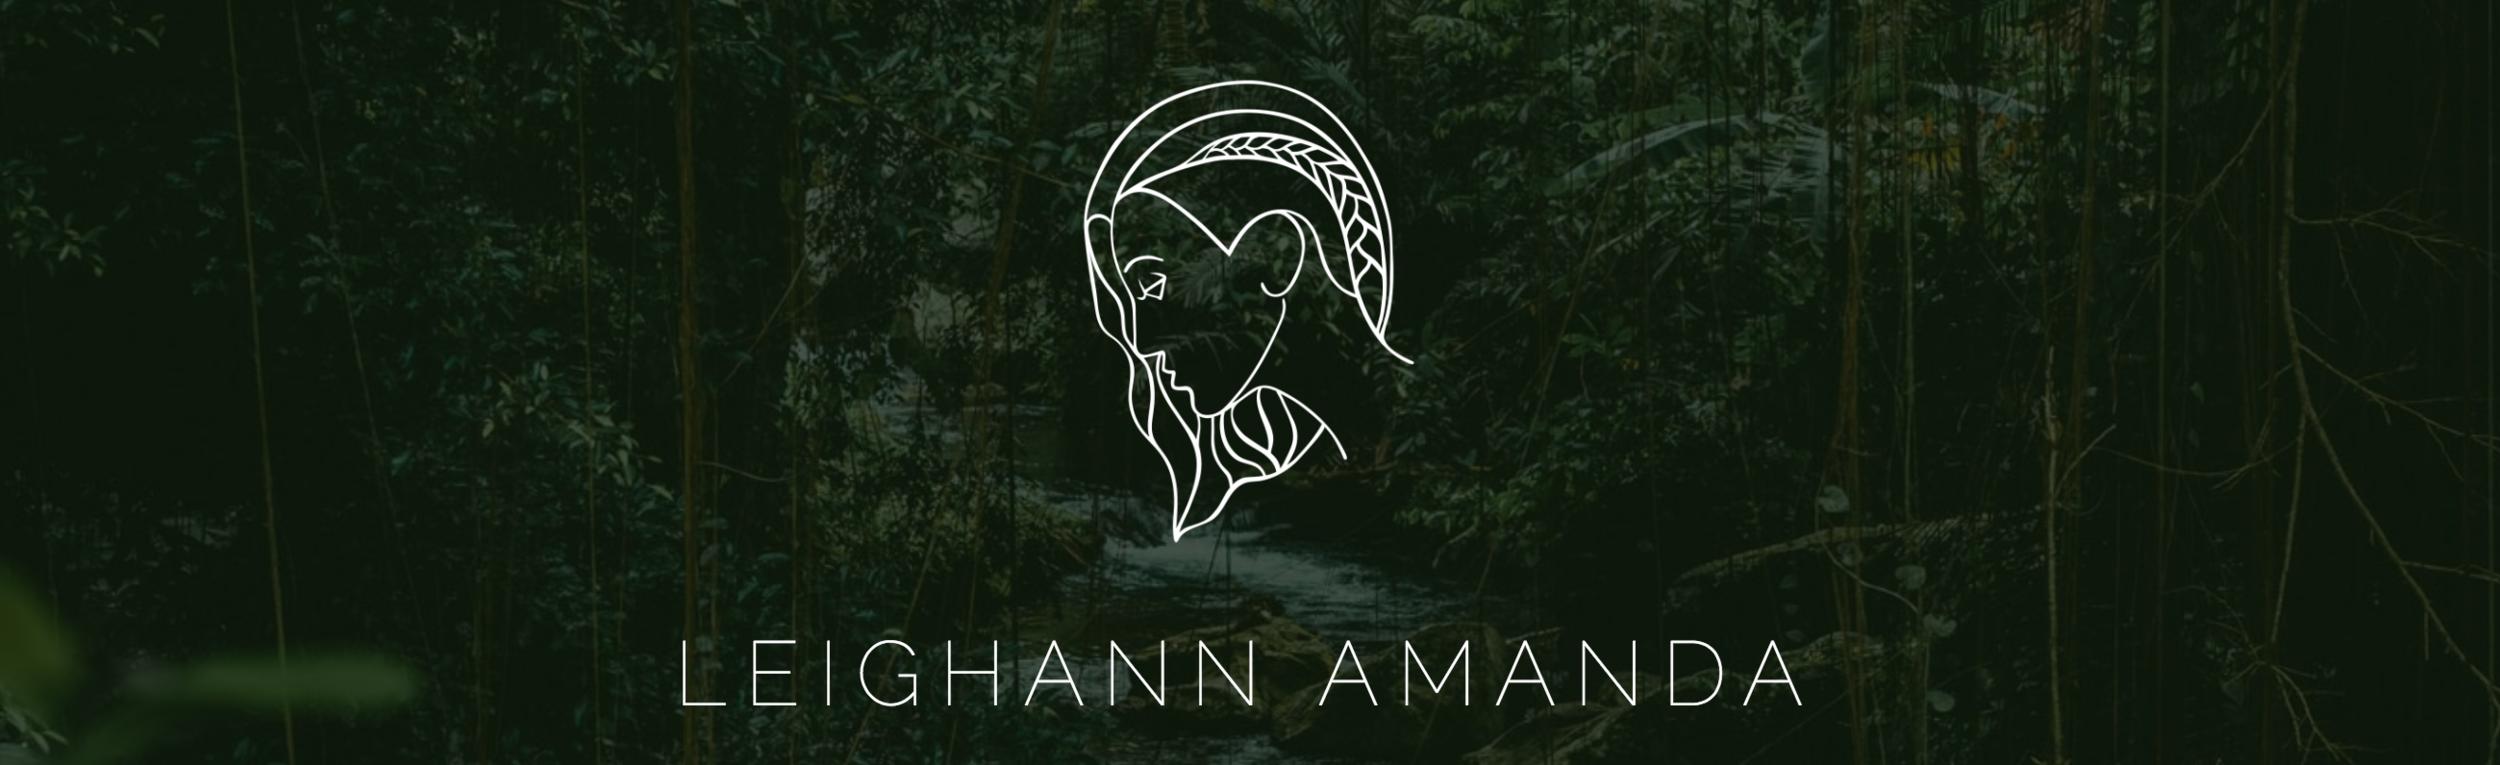 LEIGHANN AMANDA